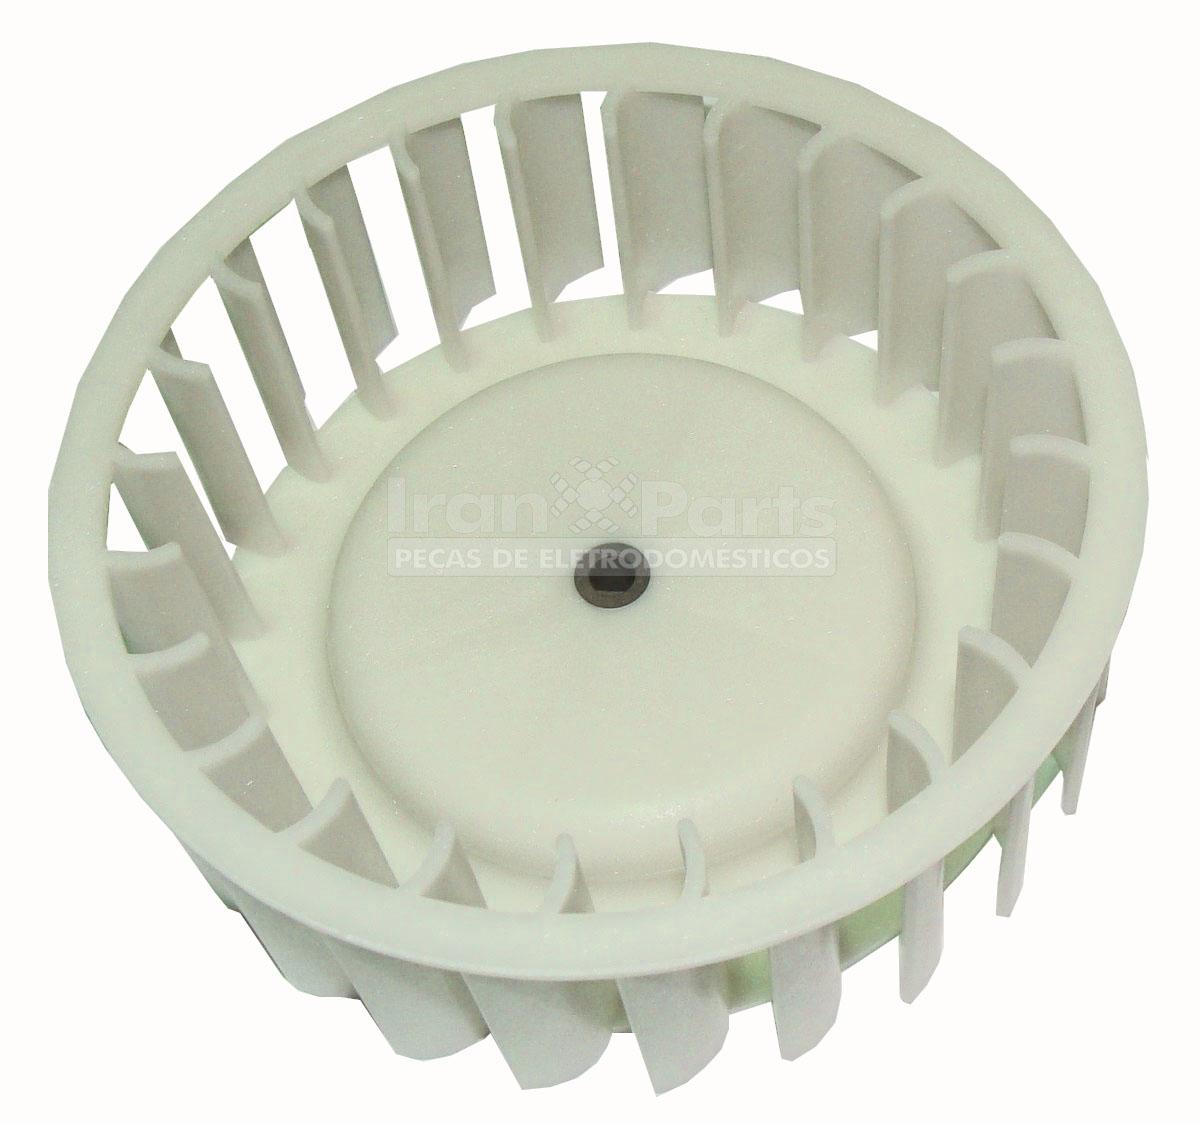 Turbina Lavadora E Secadora Electrolux Lse11 - 11885900